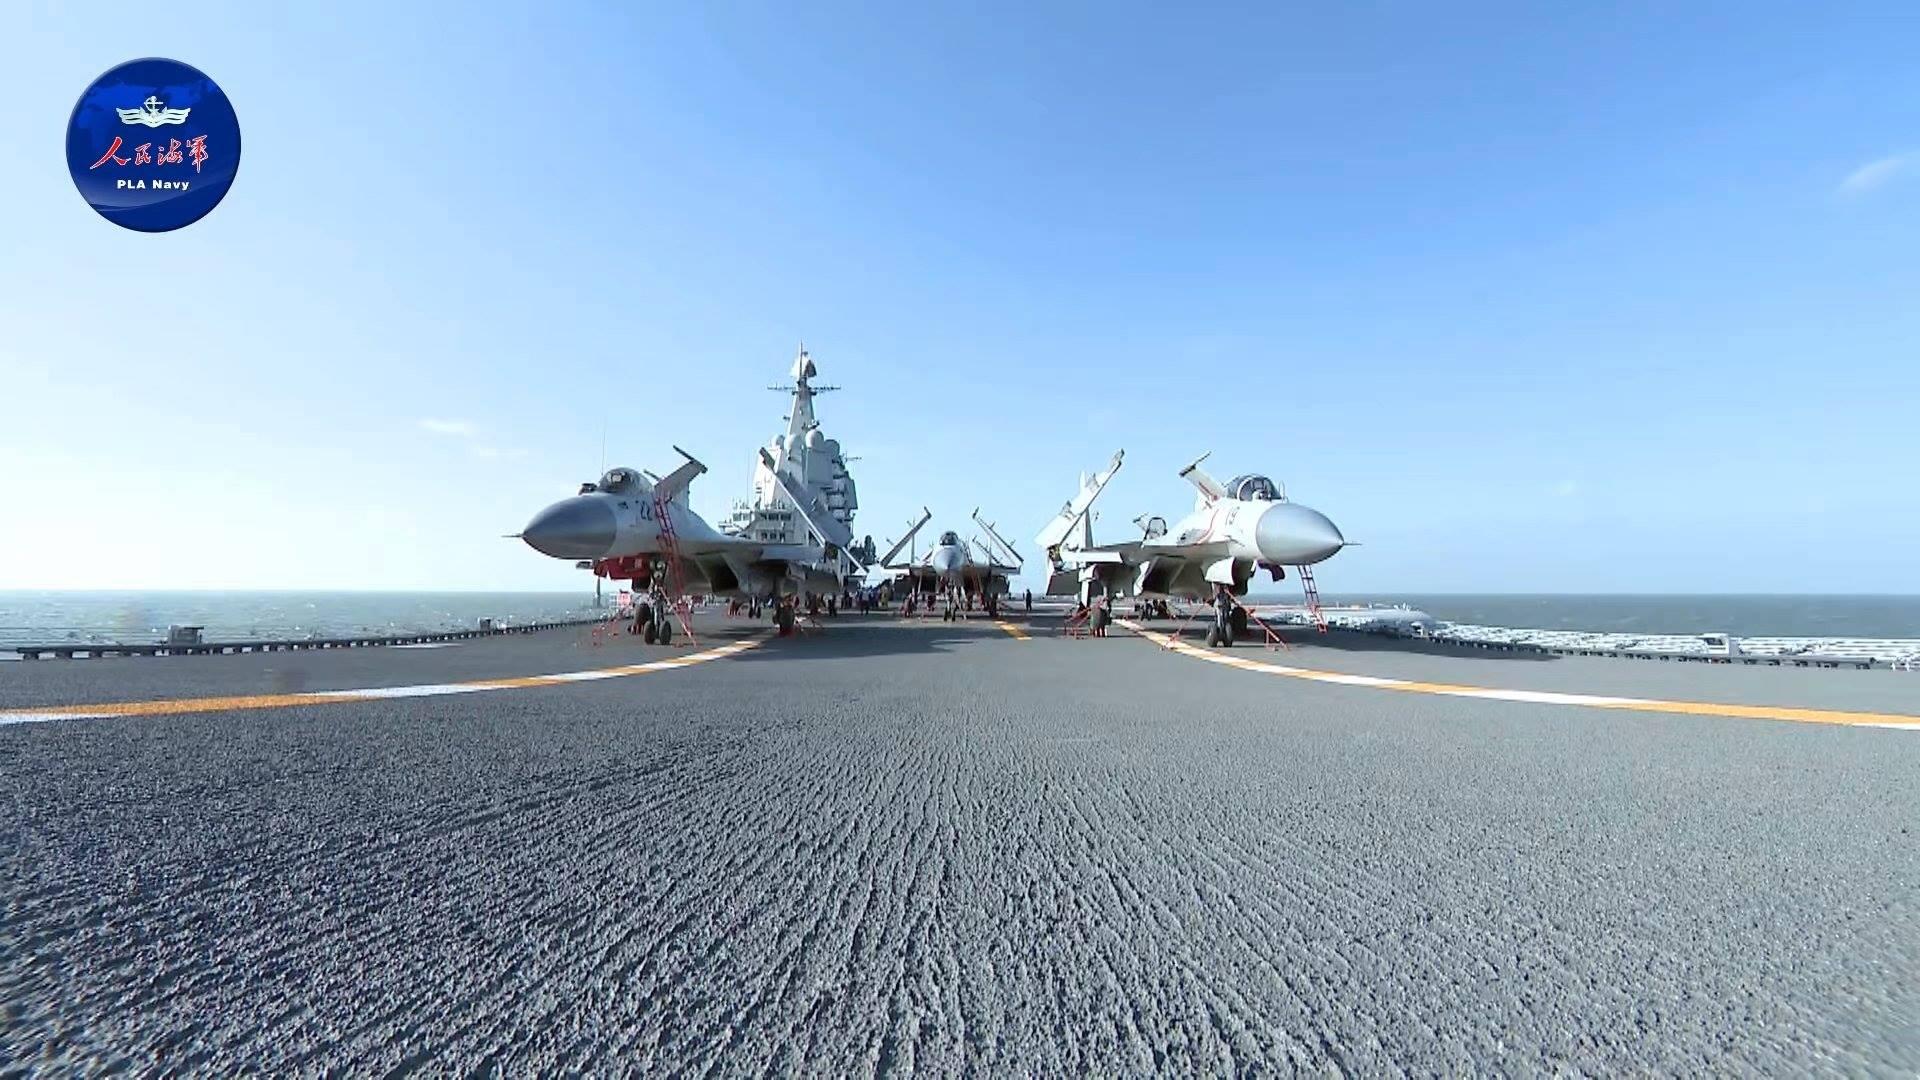 国产航母赴南海训练画面公开?这些细节值得关注